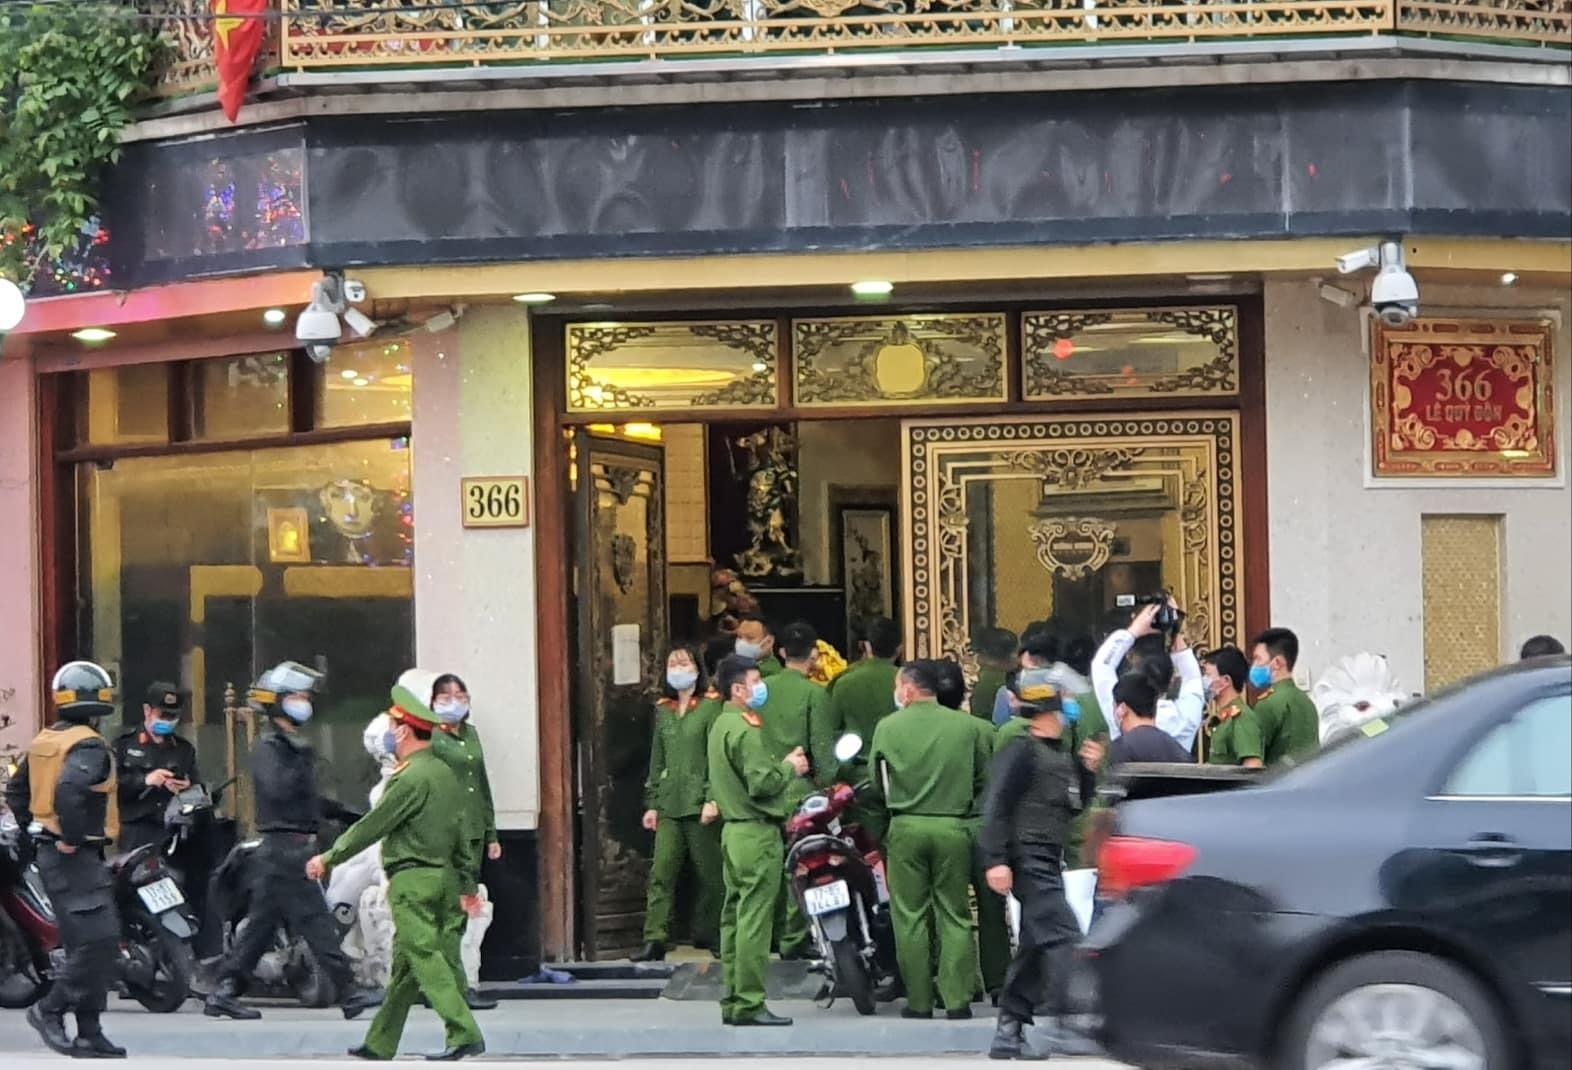 CQĐT Công an Thái Bình tổ chức khám xét, bắt giữ nơi làm việc của đối tượng Nguyễn Thị Dương, vợ Nguyễn Xuân Đường thời điểm đầu tháng 4